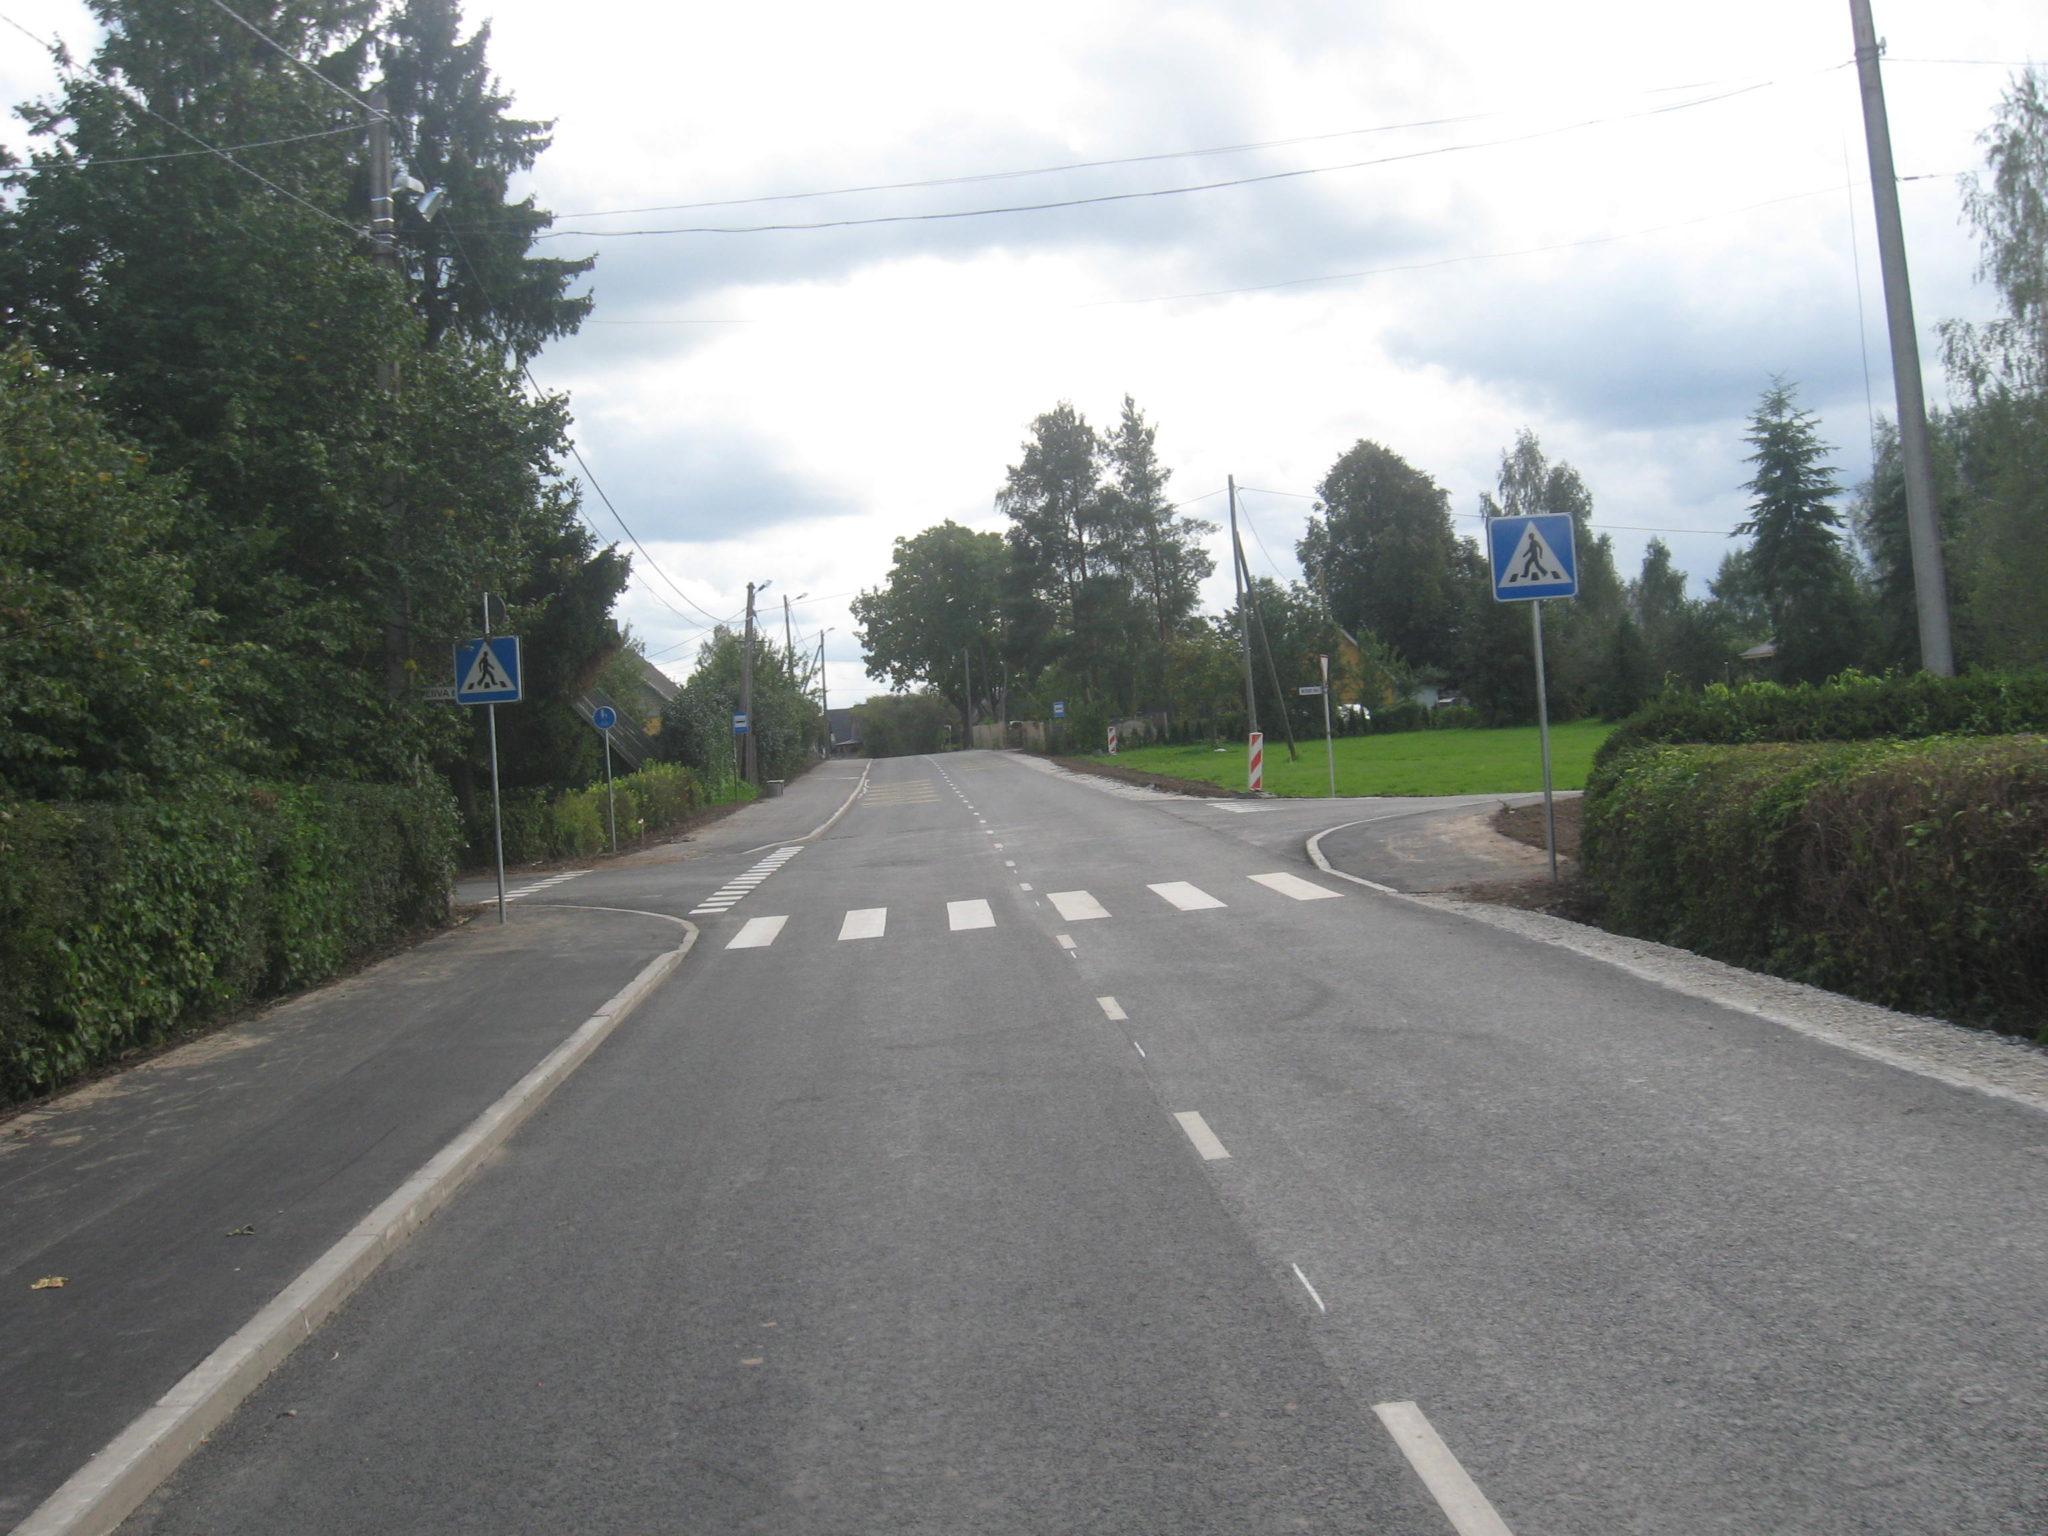 Kõrvalmaantee 22155 Nõo-Tamsa km 1,0-1,7 Nõo alevikus asuva lõigu rekonstrueerimise omanikujärelevalve